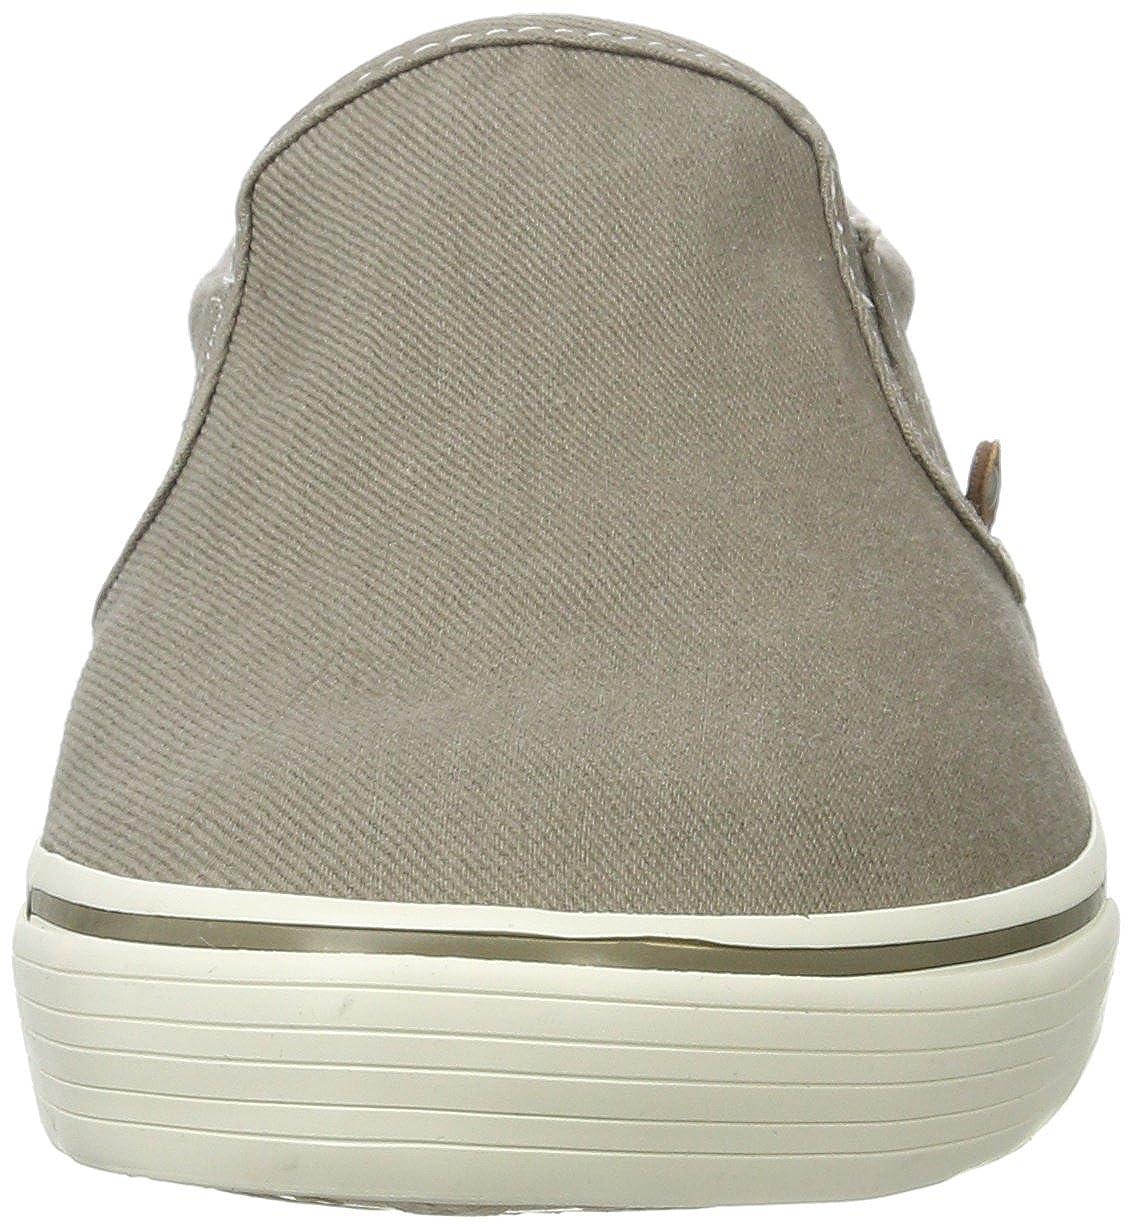 Mustang 4103-401-4, Mocasines para Hombre: Amazon.es: Zapatos y complementos